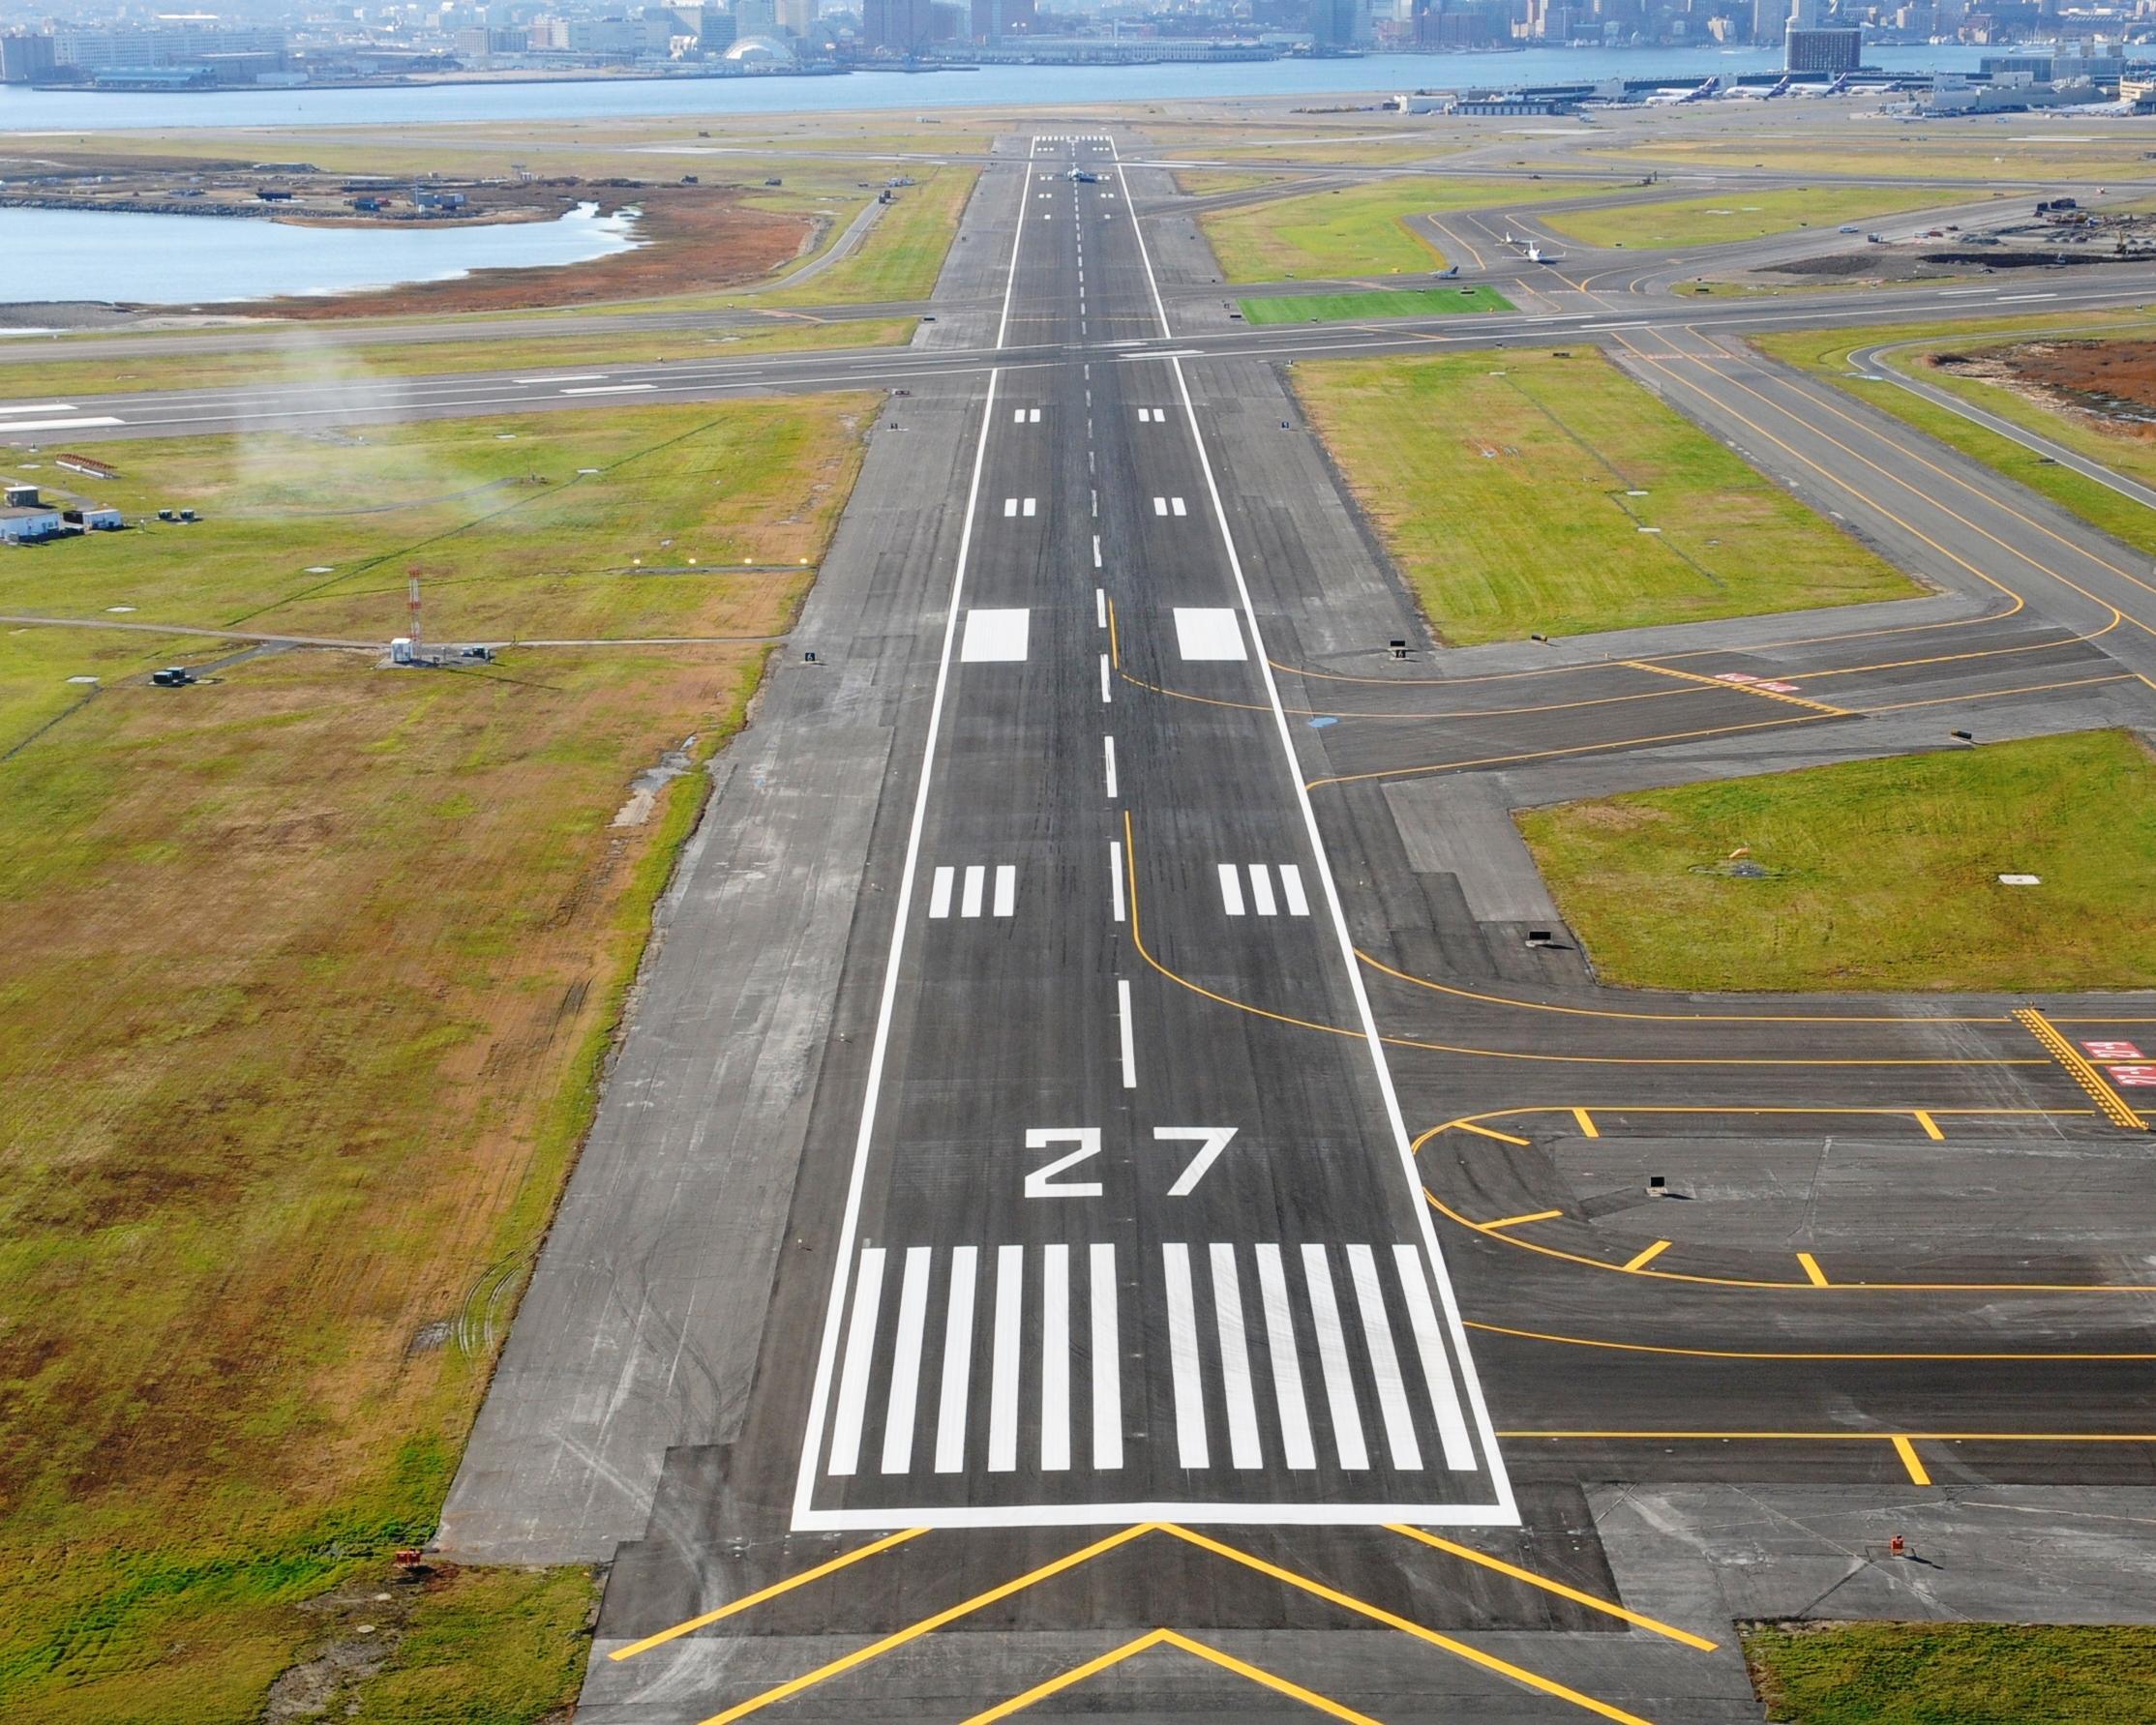 Airport Runway To Reconstruct Runway 9 27